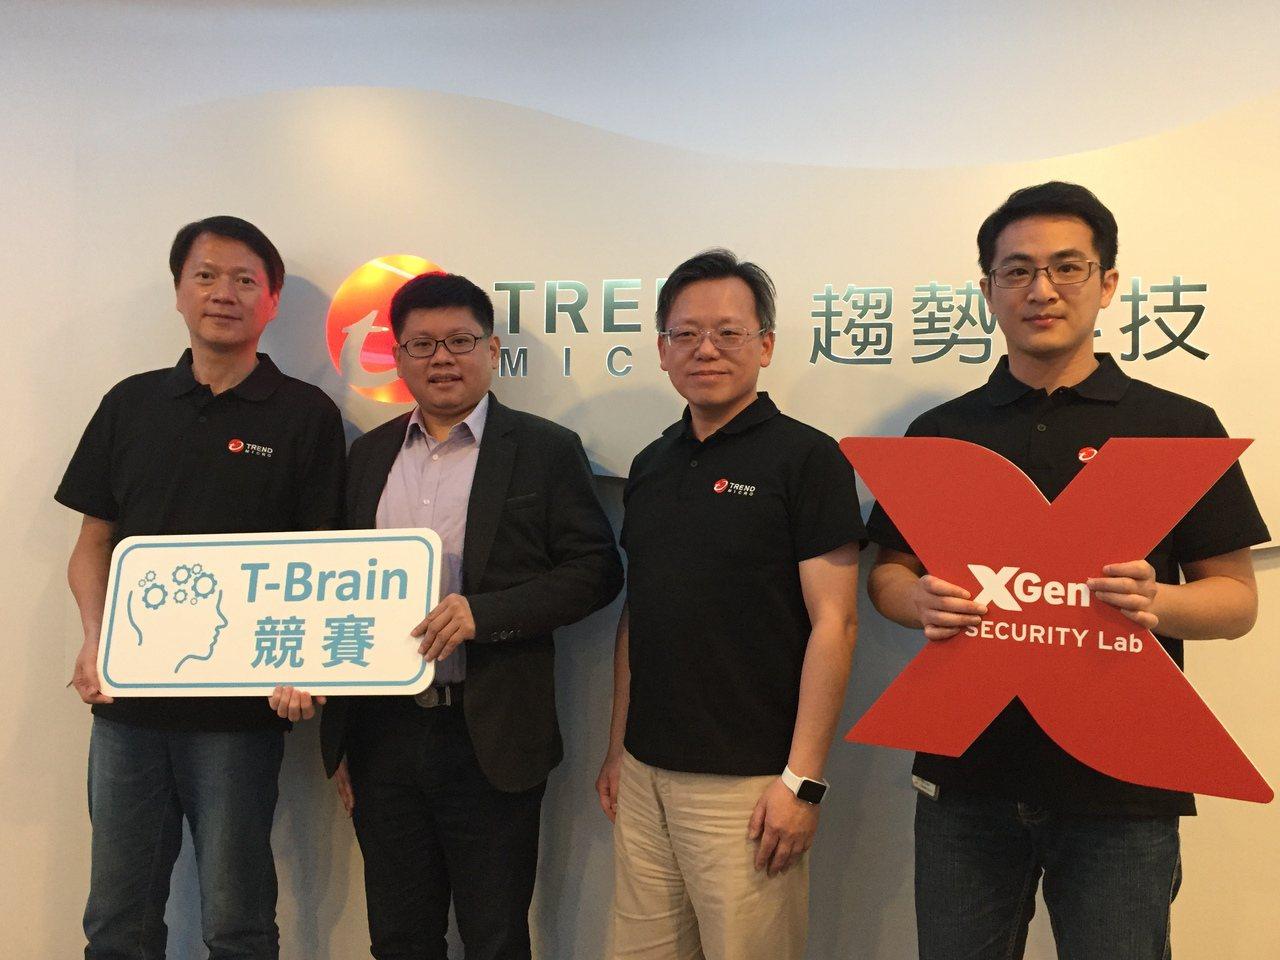 趨勢科技宣布在台推出T-Brain競賽與XGen Security Lab等兩項...